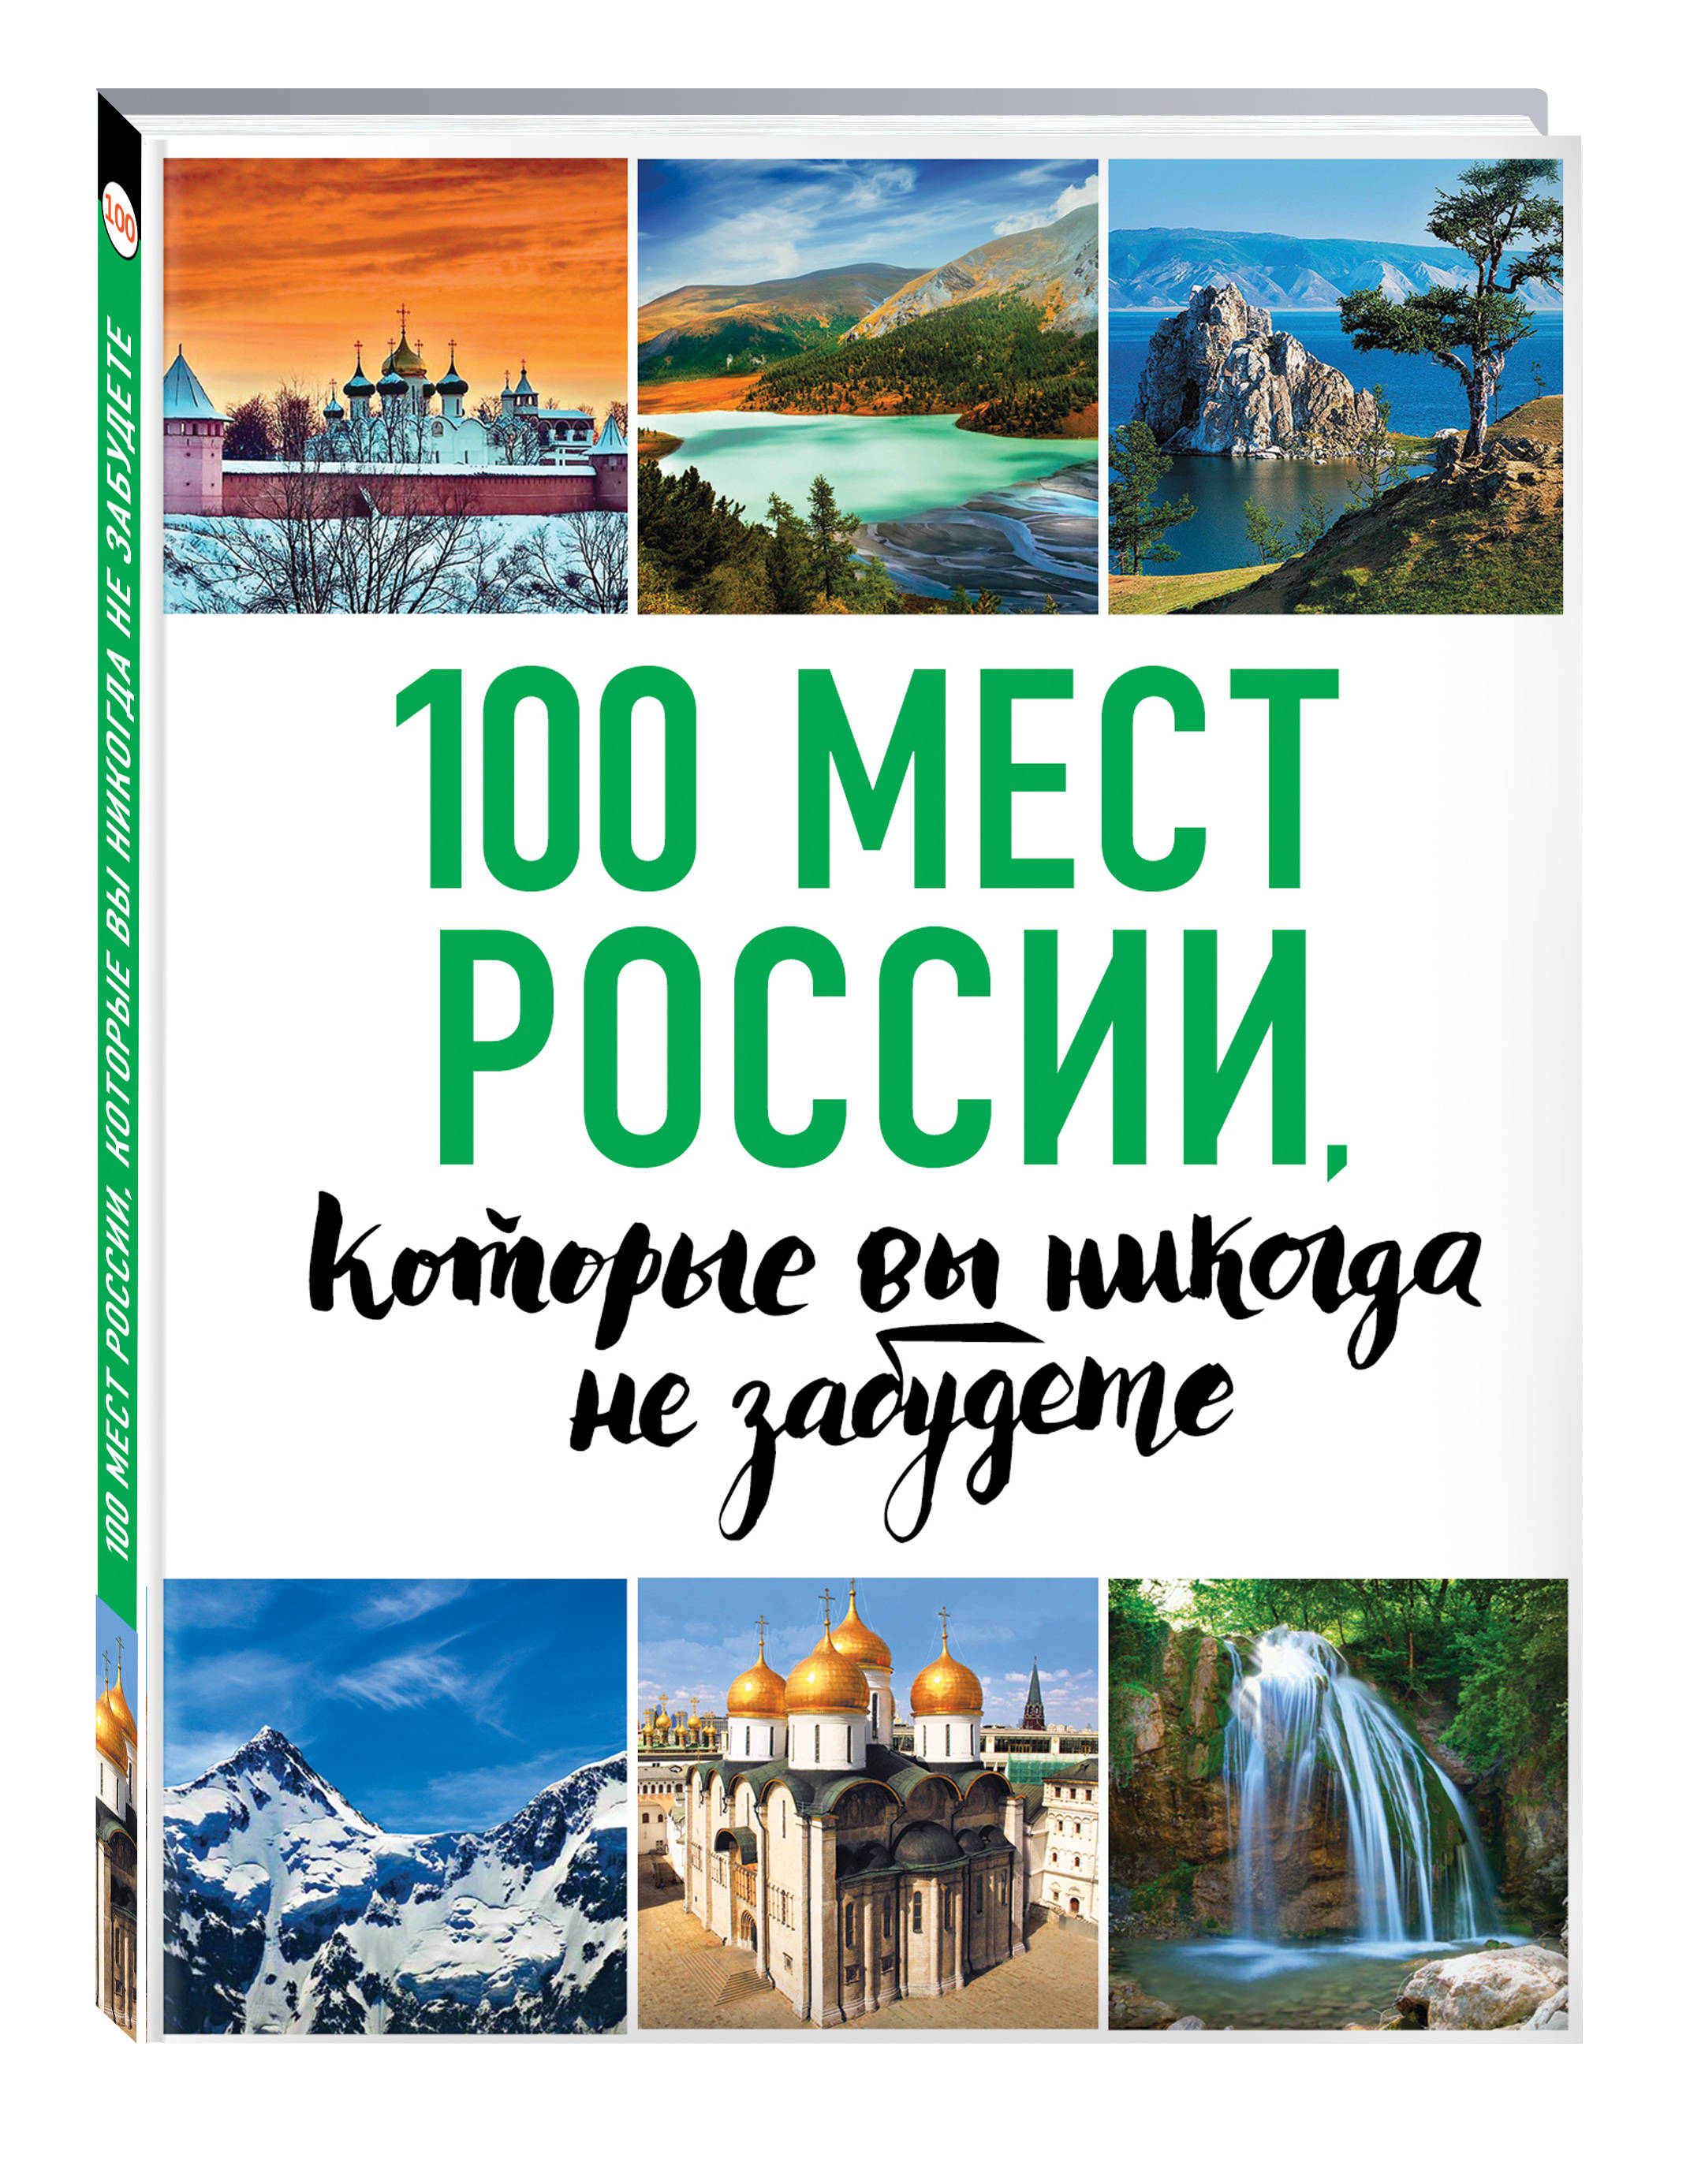 100 мест России, которые вы никогда не забудете (нов. оф. серии) ( Андрушкевич Ю.П.  )